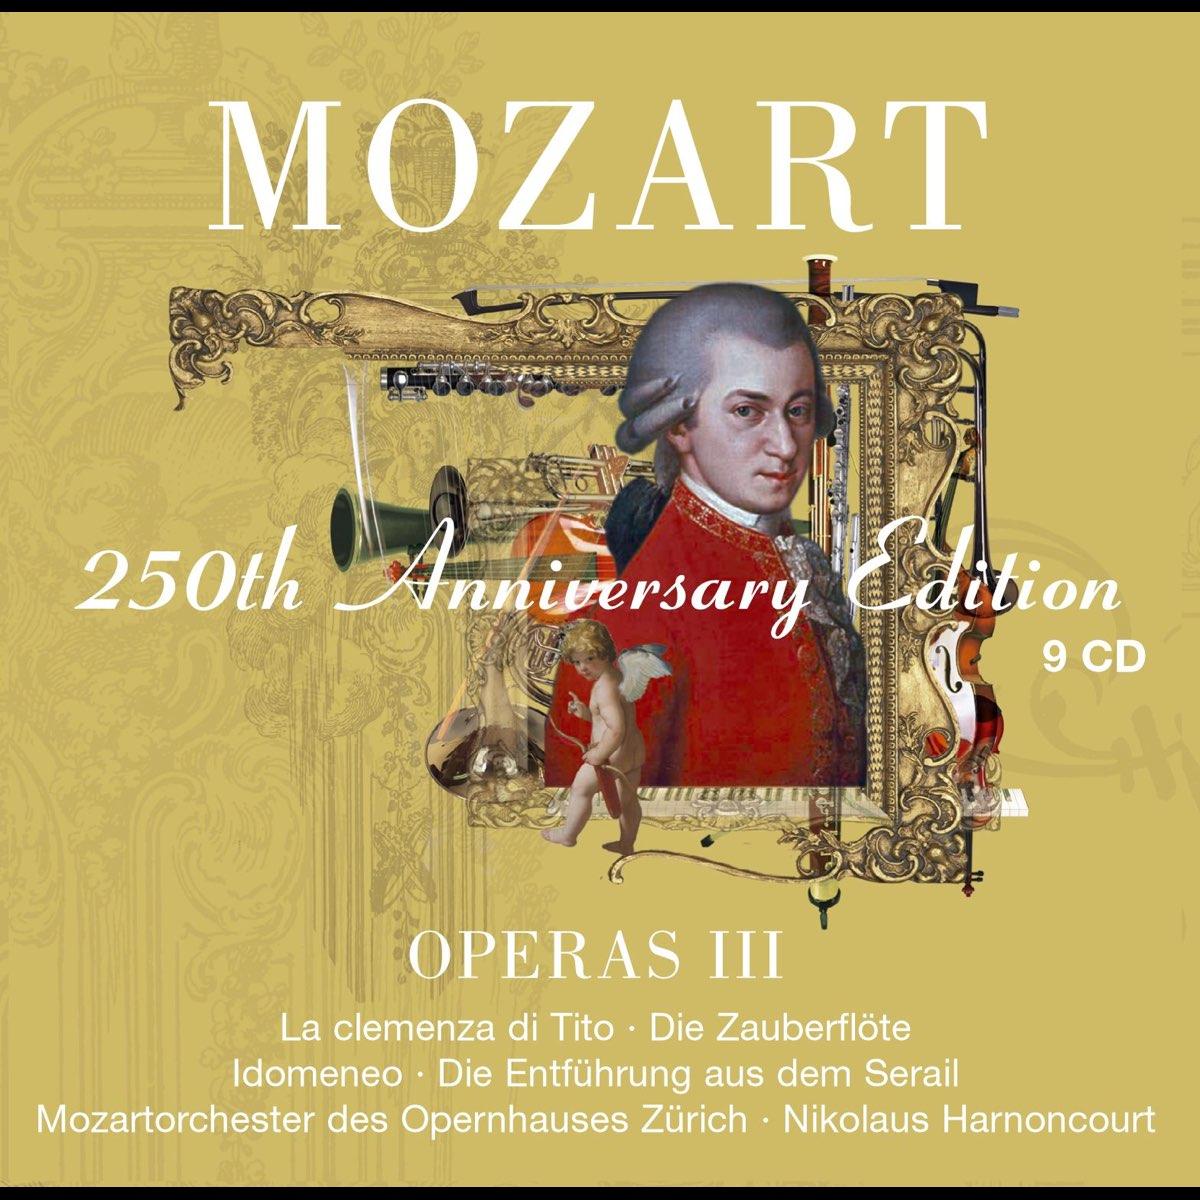 Mozart: Operas III [La clemenza di Tito, Die Zauberflöte: Idomeneo, Die  Entführung aus dem Serail] by Nikolaus Harnoncourt on Apple Music